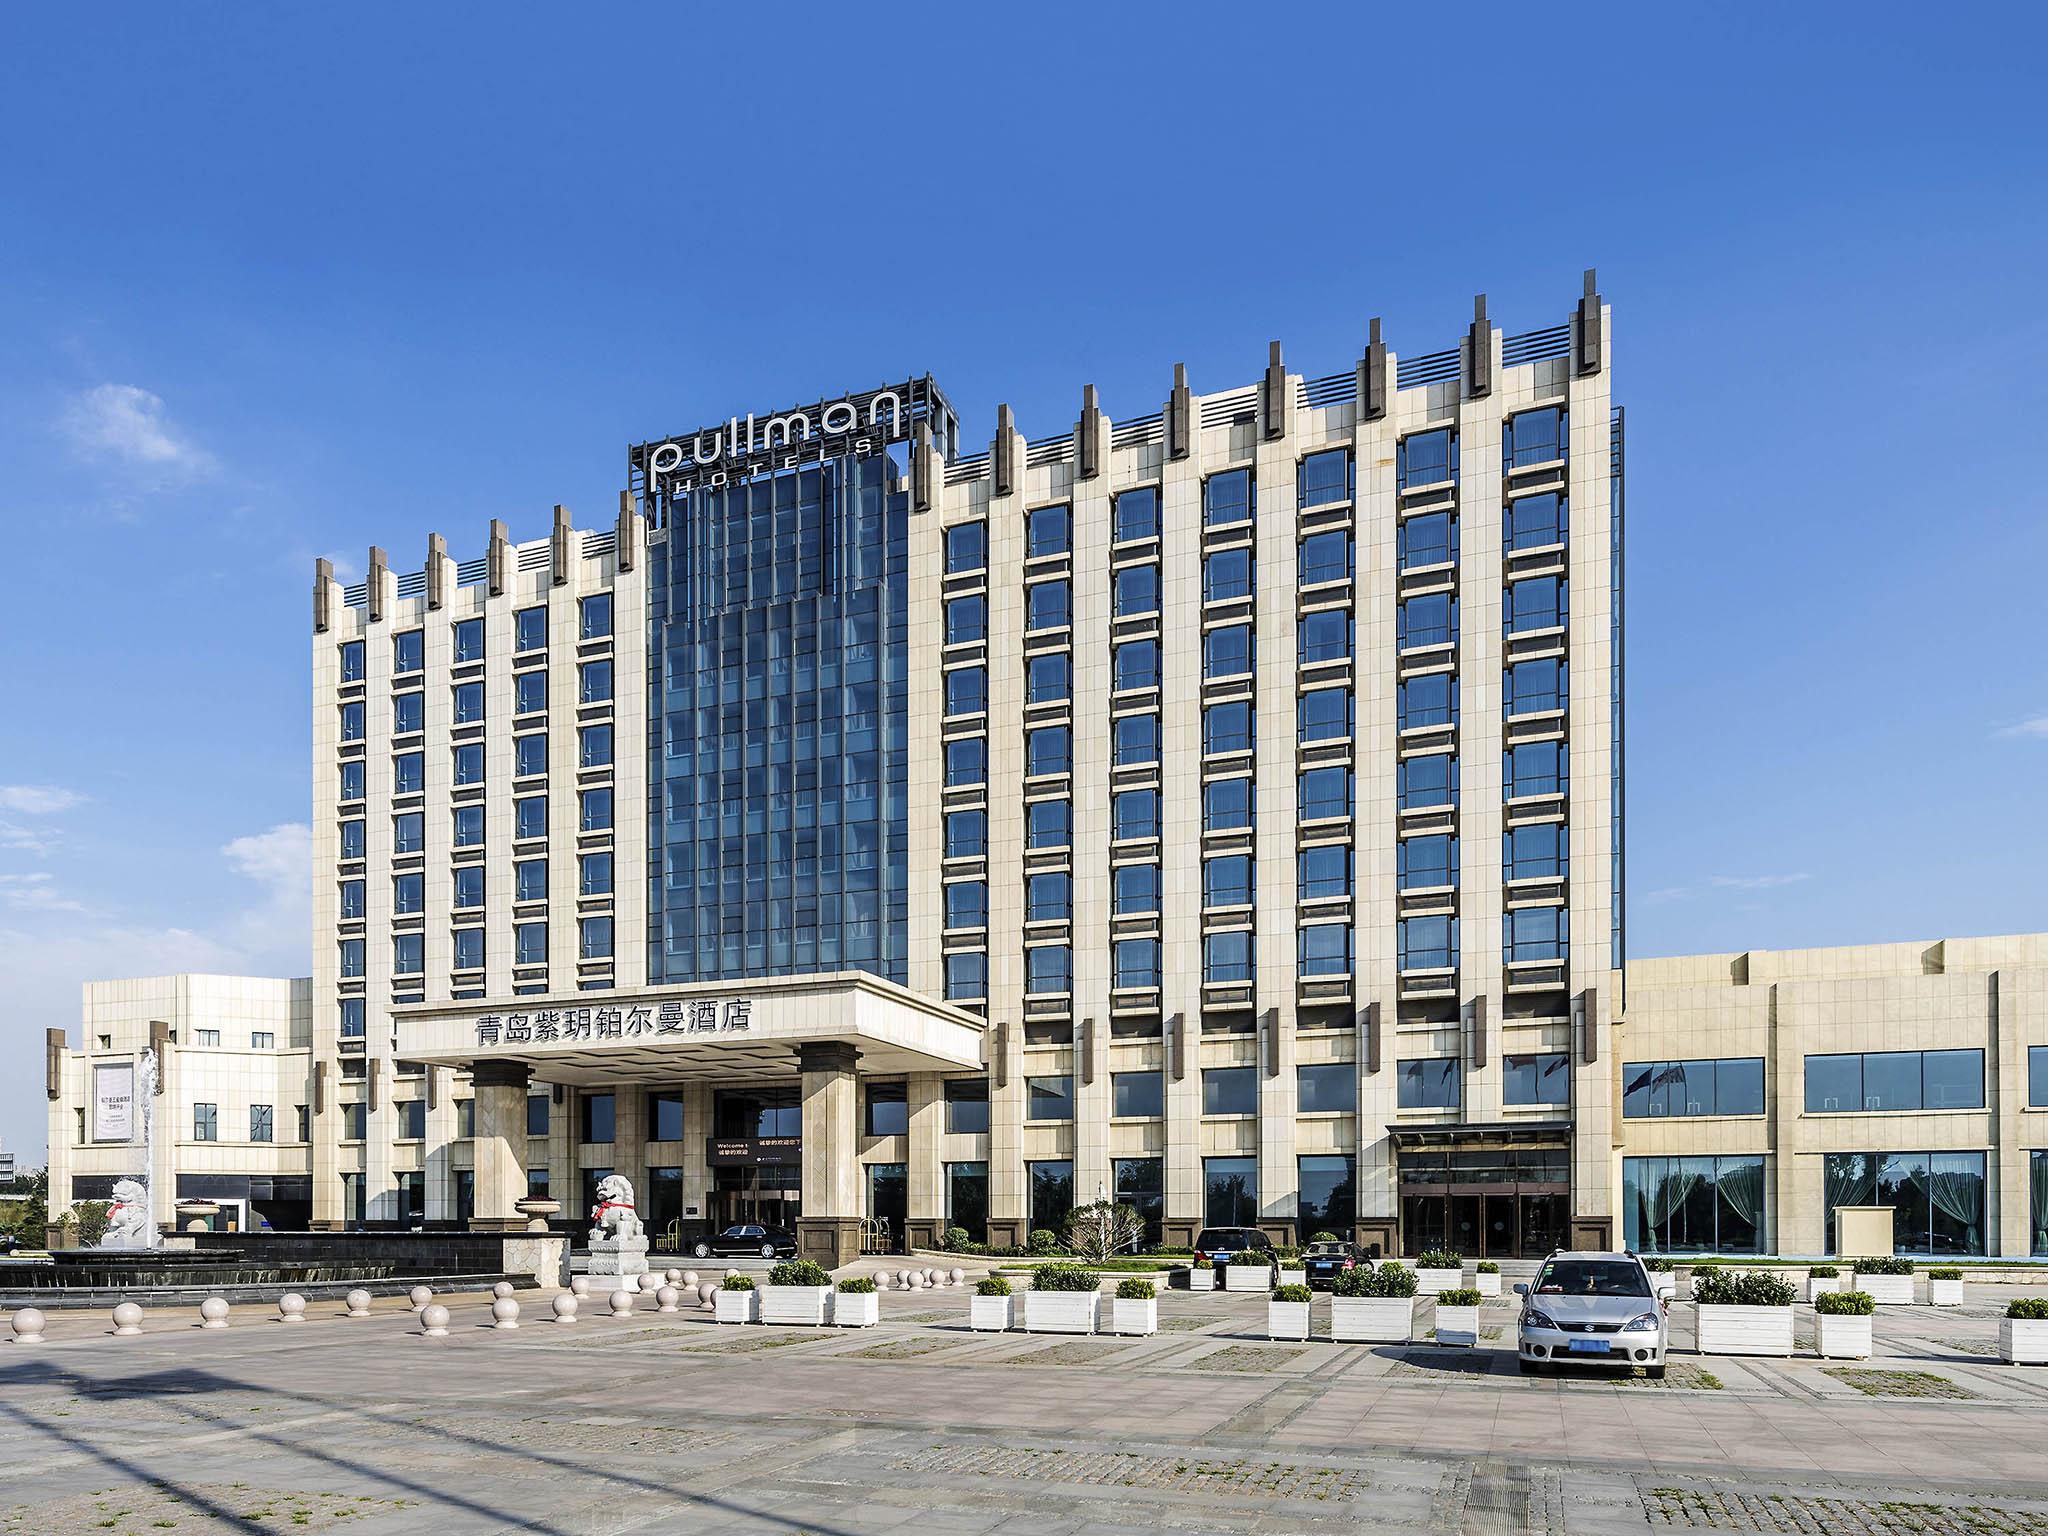 Hotel - Pullman Qingdao Ziyue